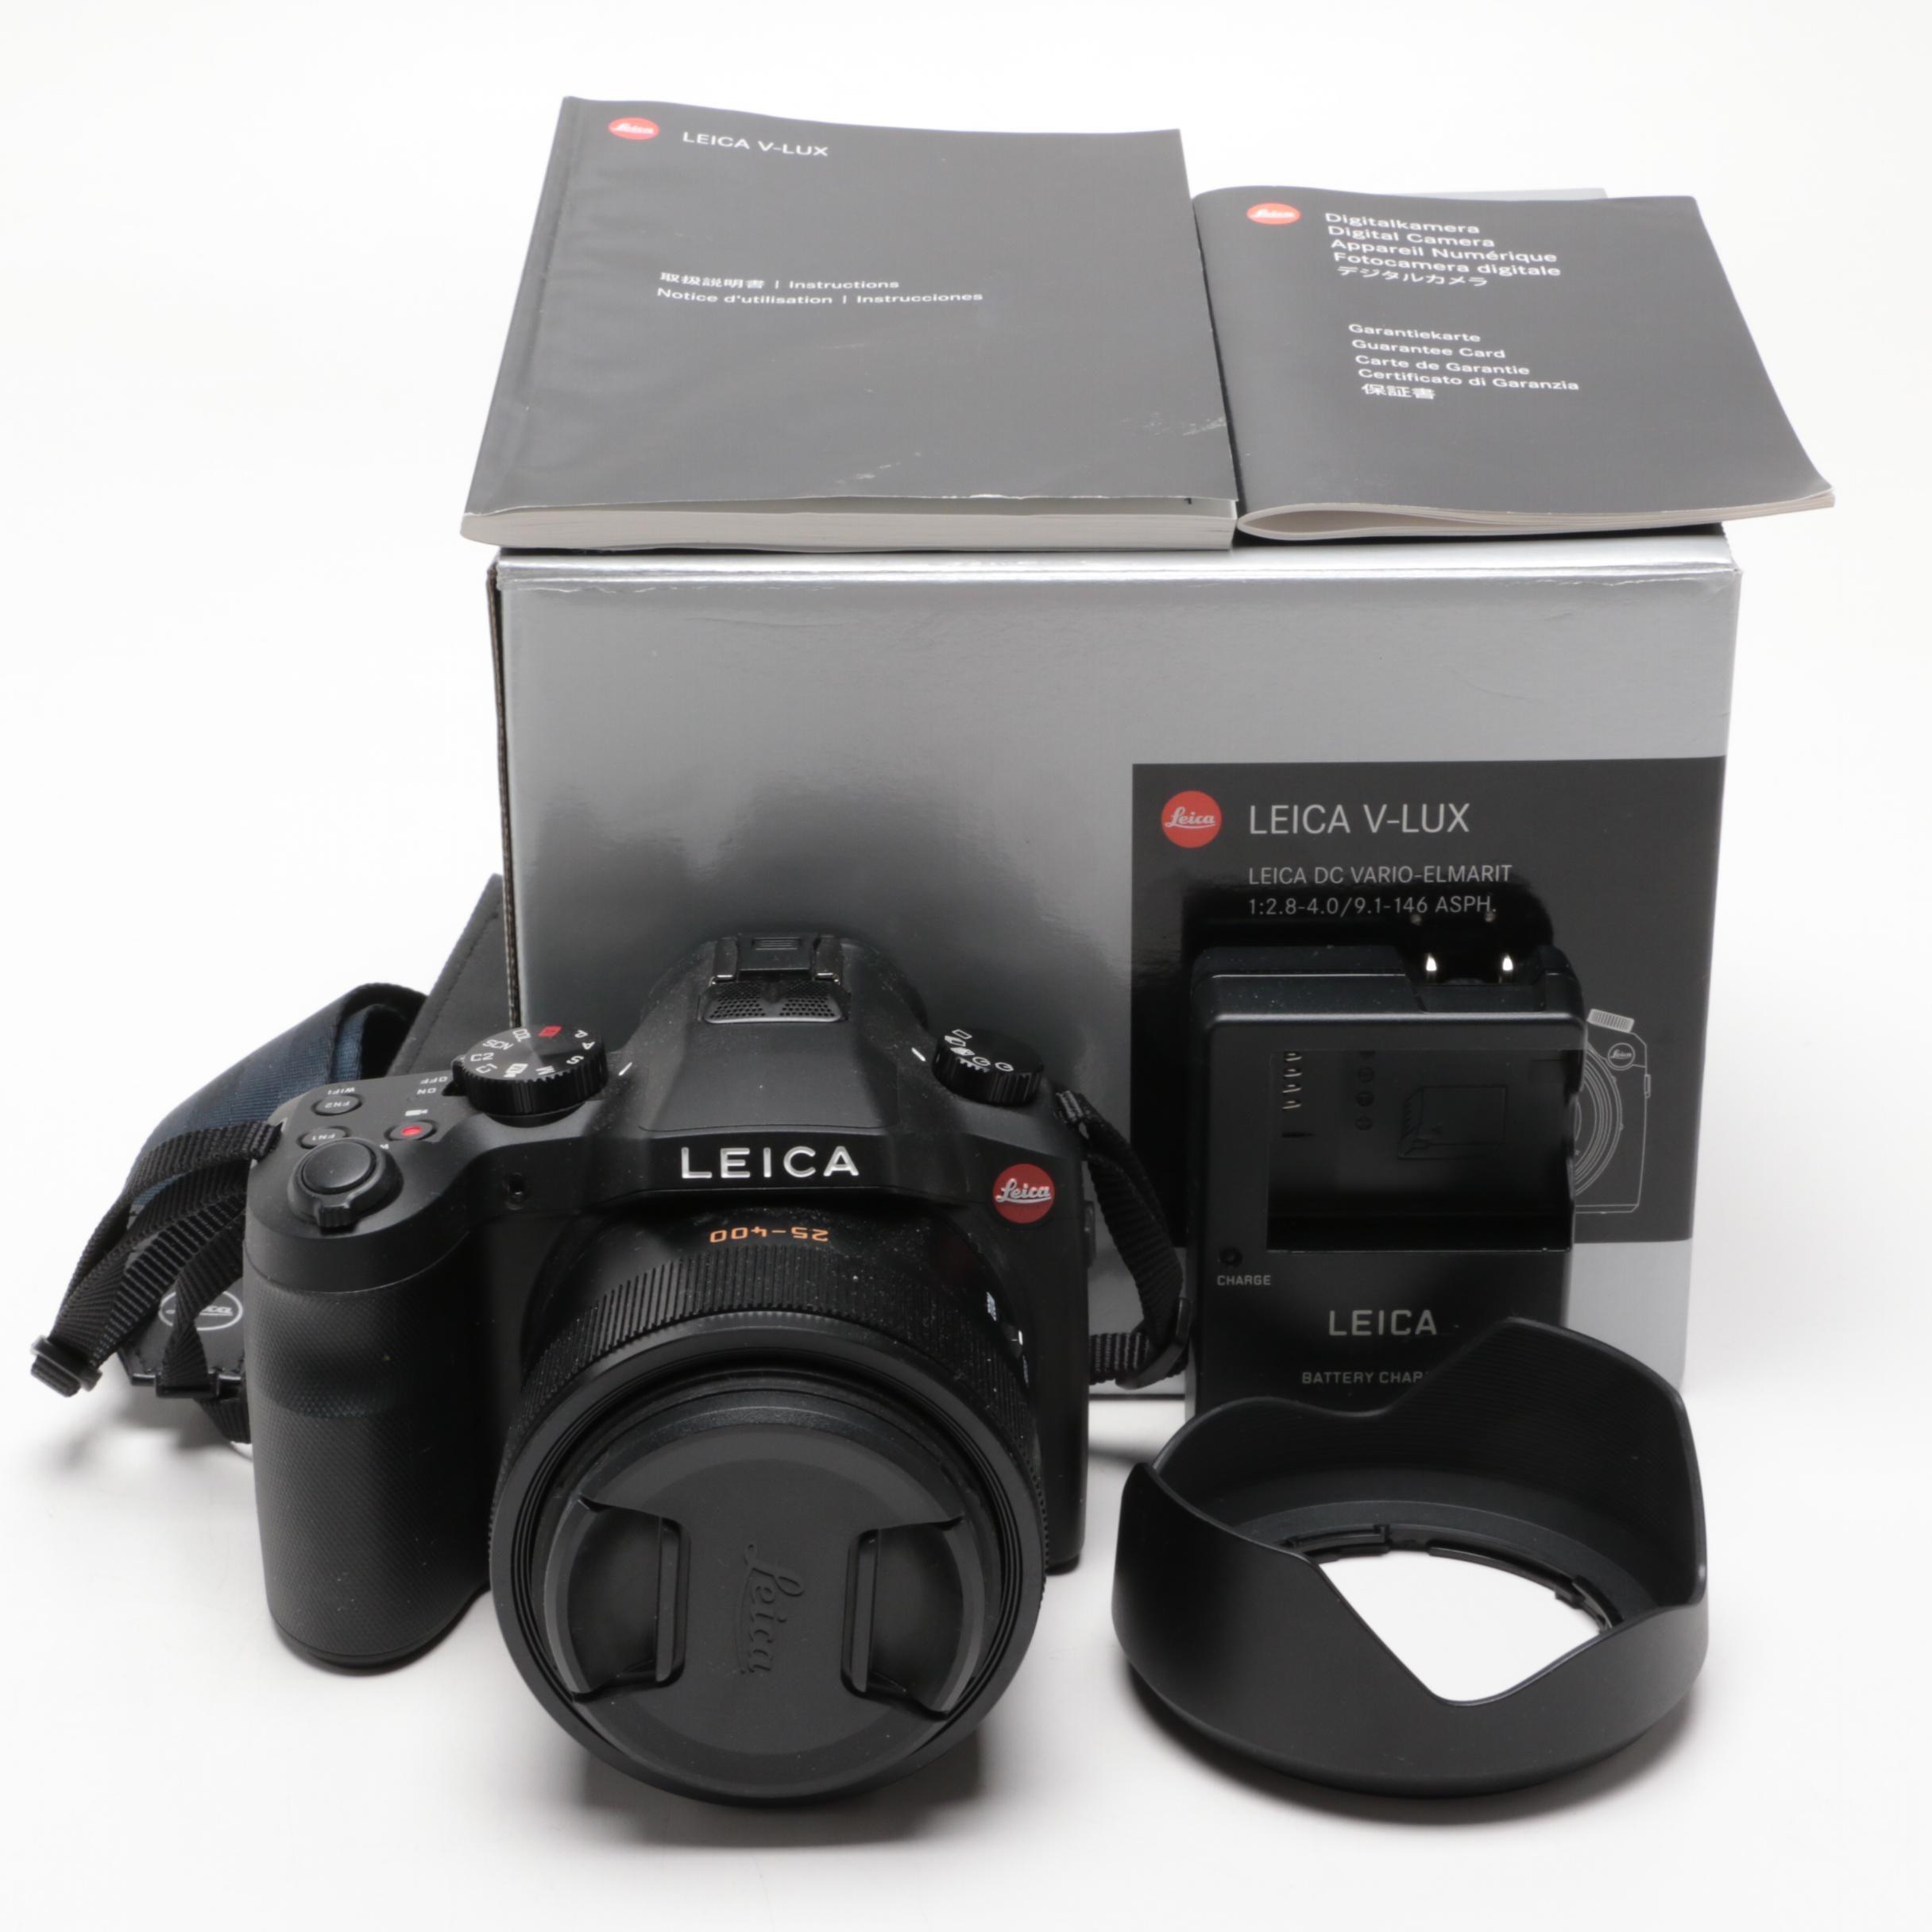 Leica V-Lux Digital Camera